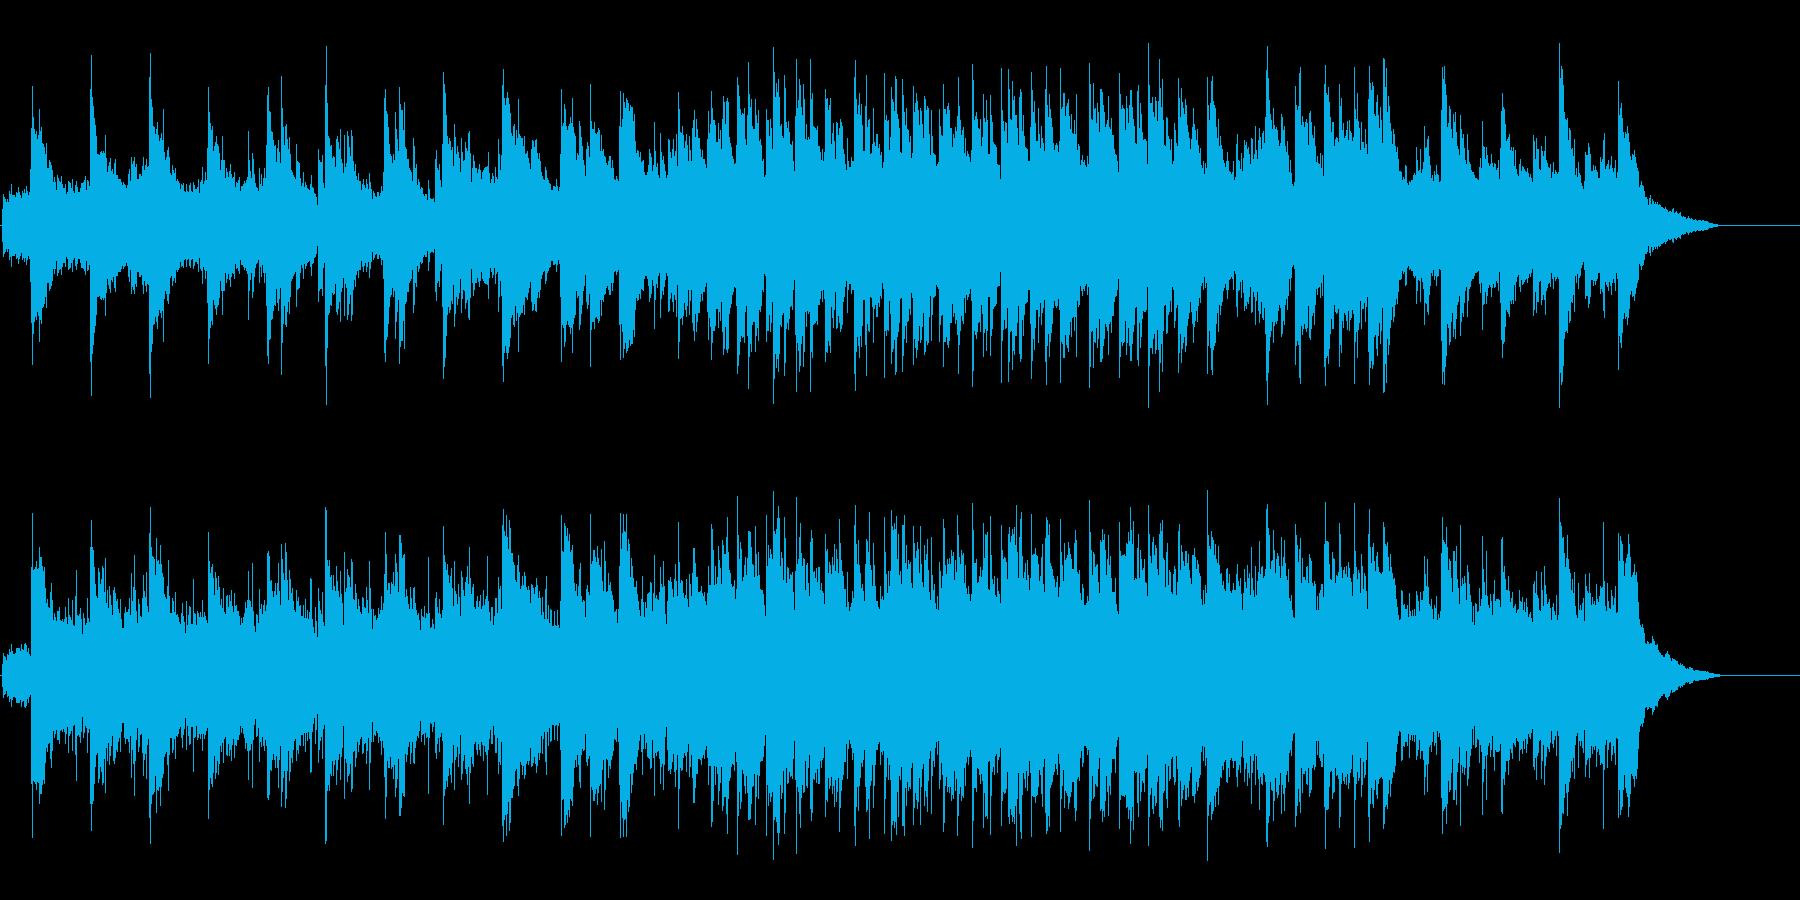 シリアス・バラードの再生済みの波形